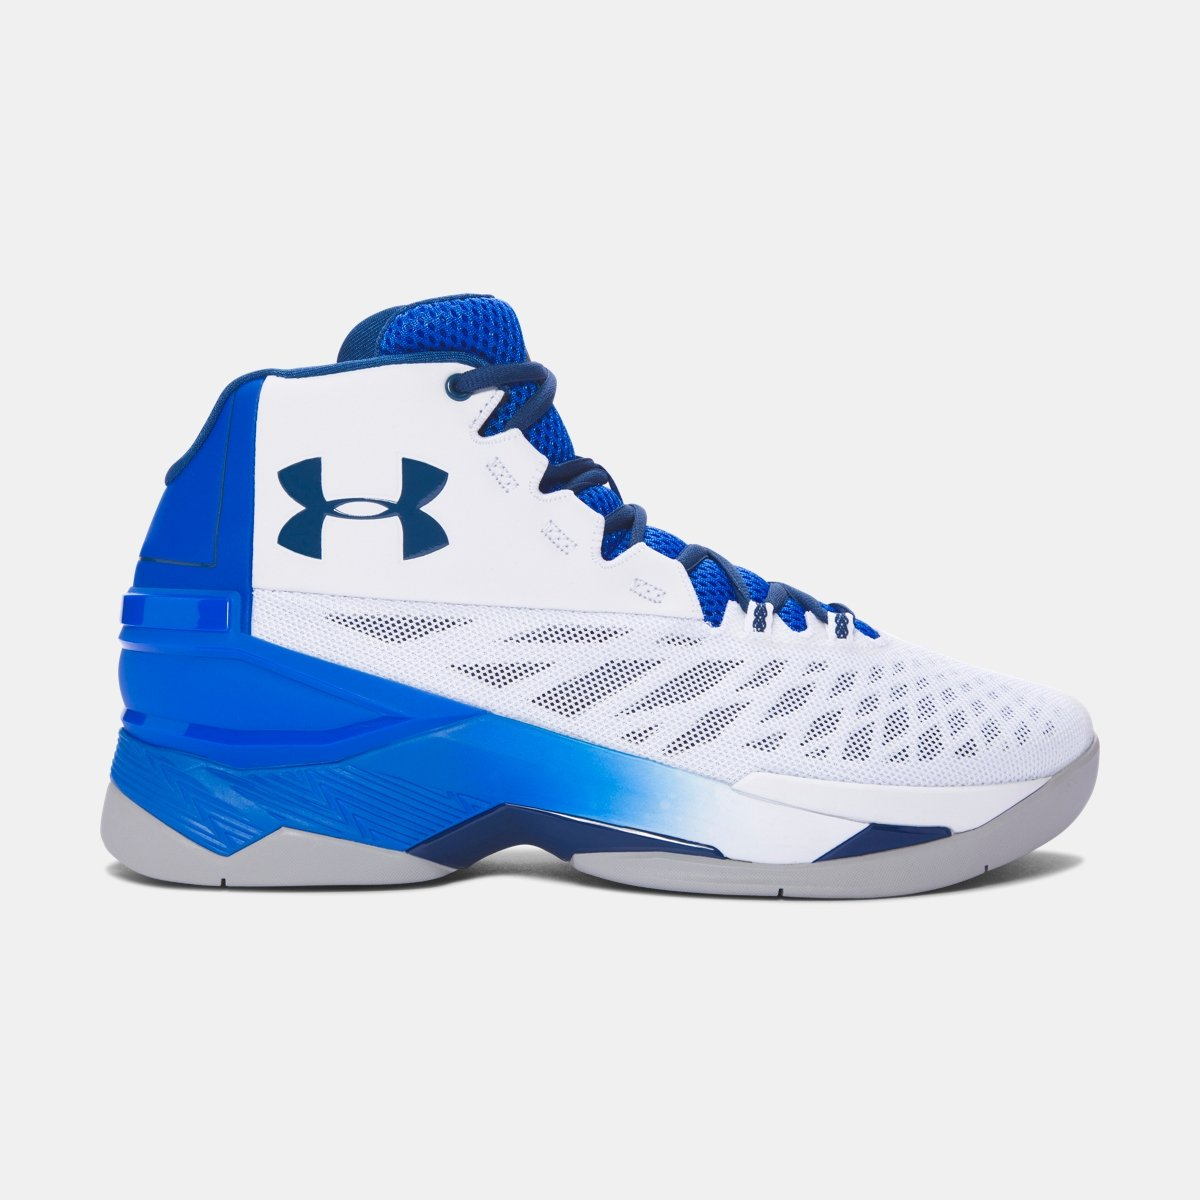 [アンダーアーマー] UNDER ARMOUR メンズ UA Longshot バスケットボールシューズ [並行輸入品] B074WP54HV 32.0 cm White / ULTRA BLUE